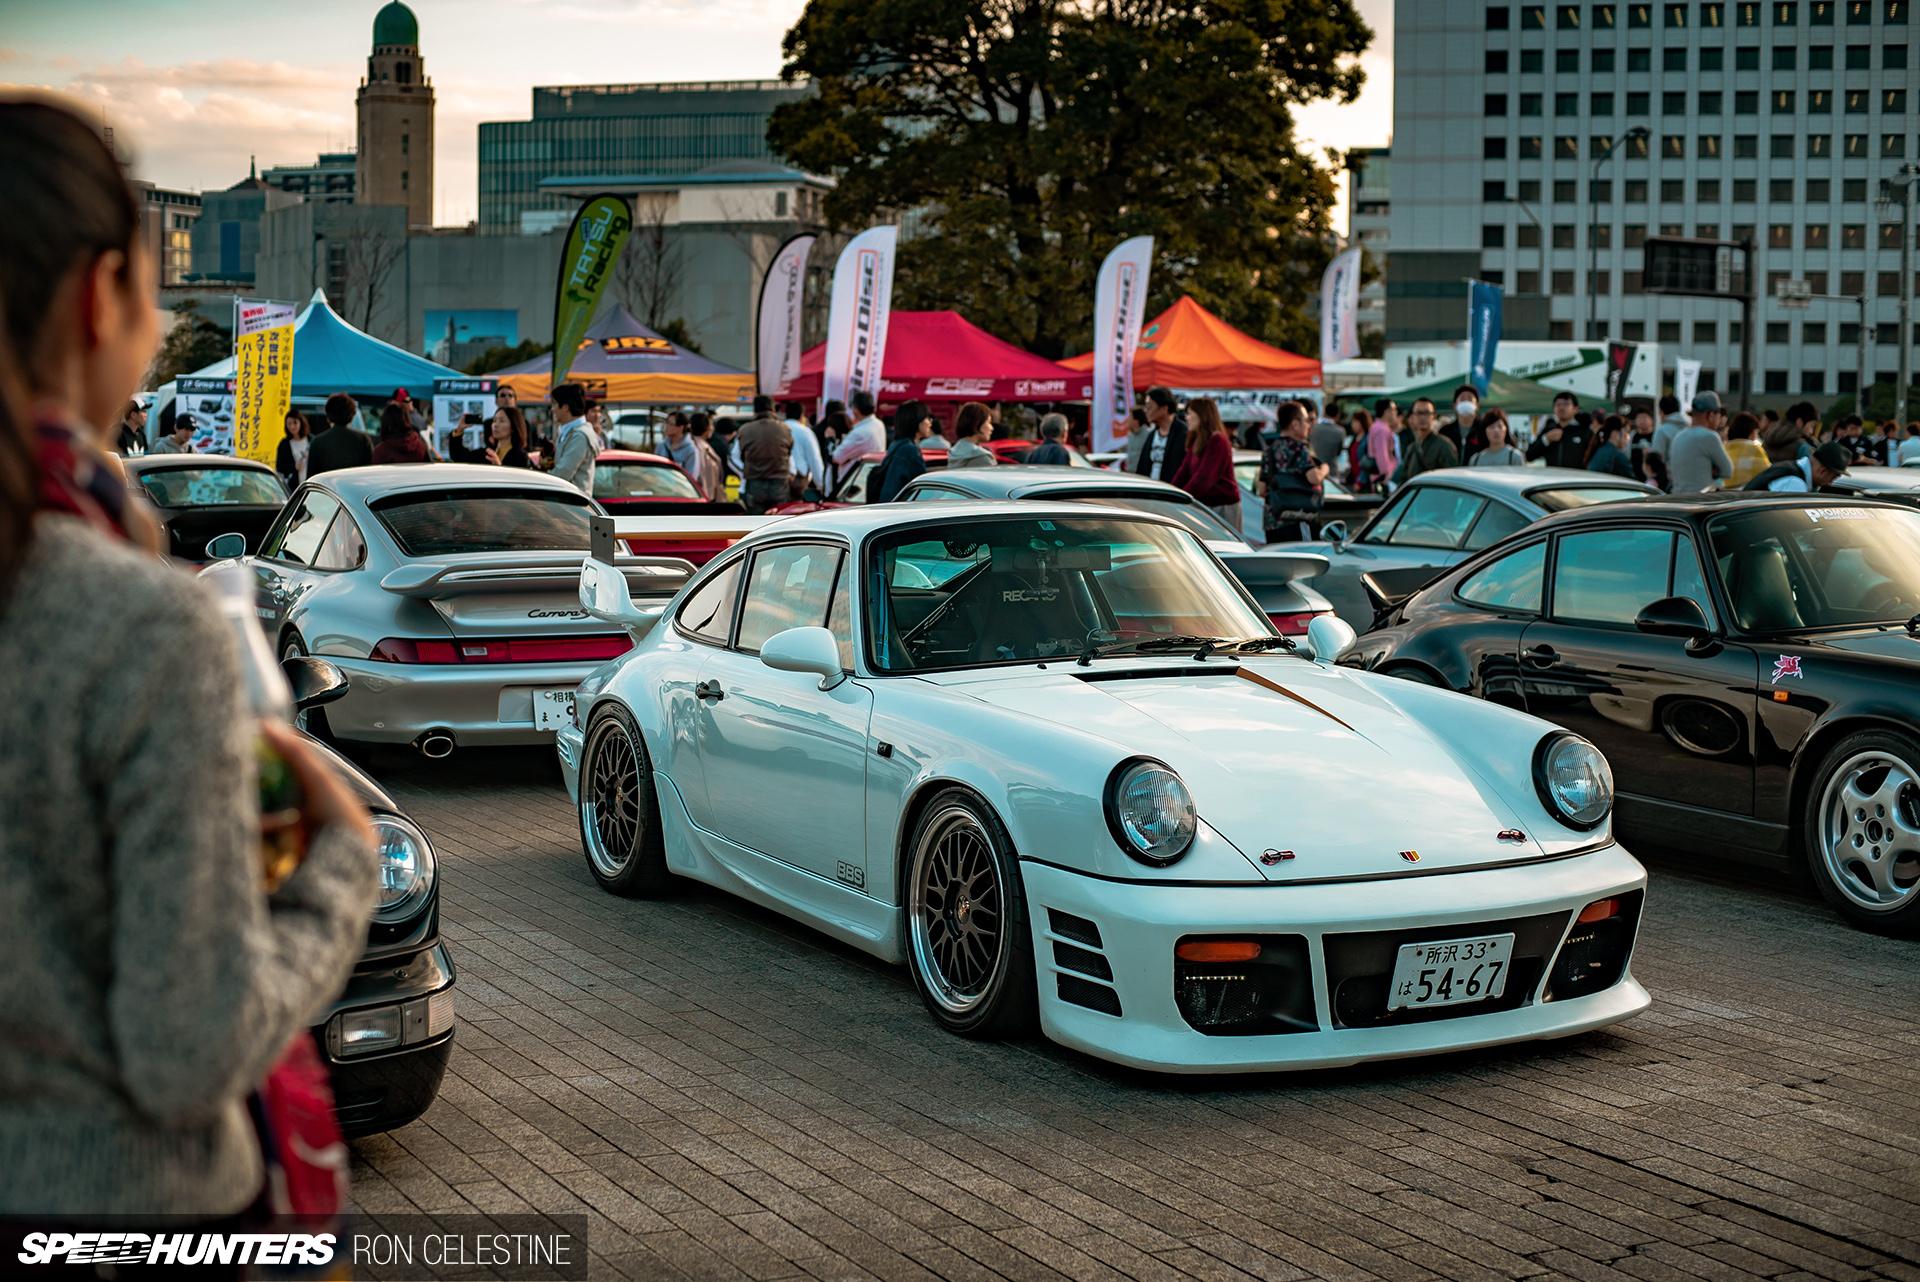 The Day Porsche Took OverYokohama